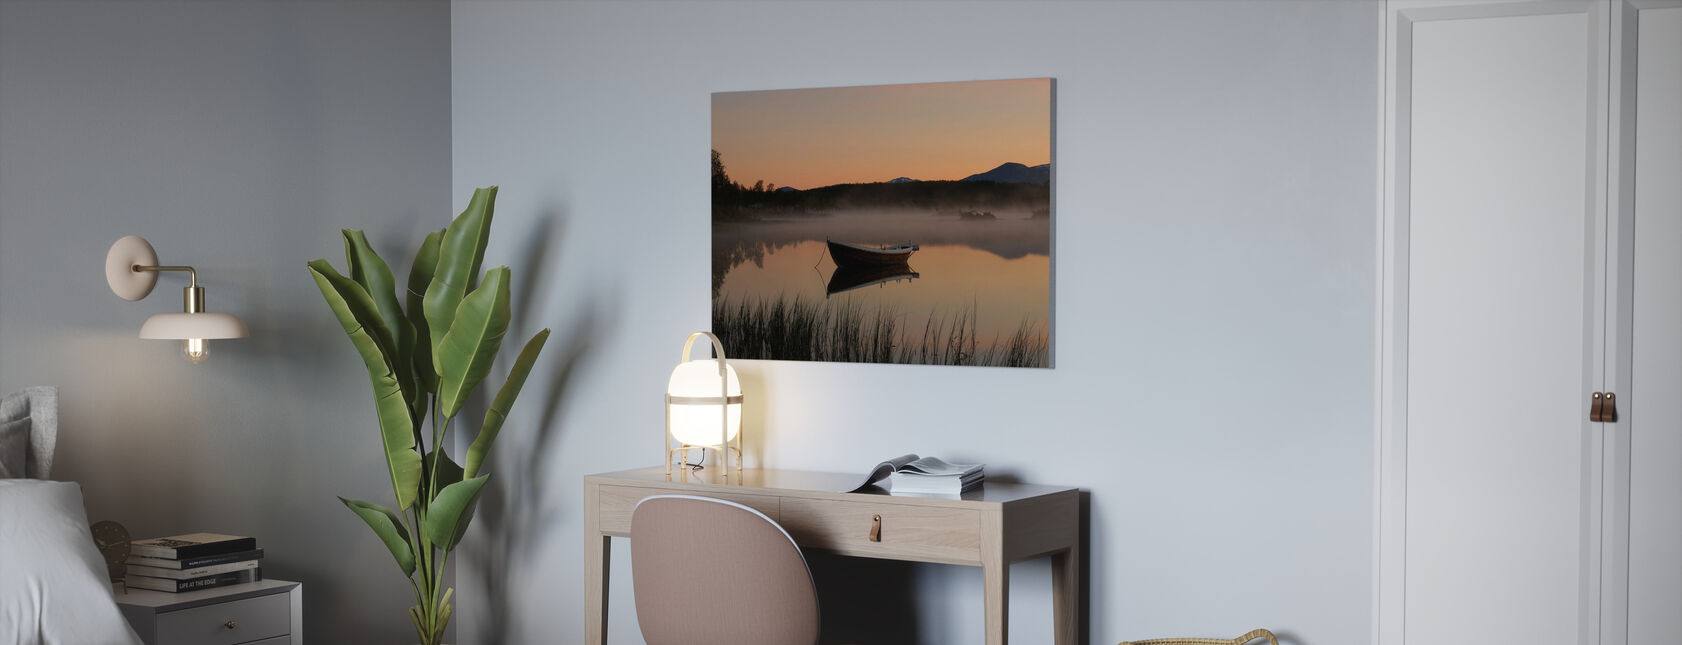 Soirée paisible au lac, Senja Norvège - Impression sur toile - Bureau